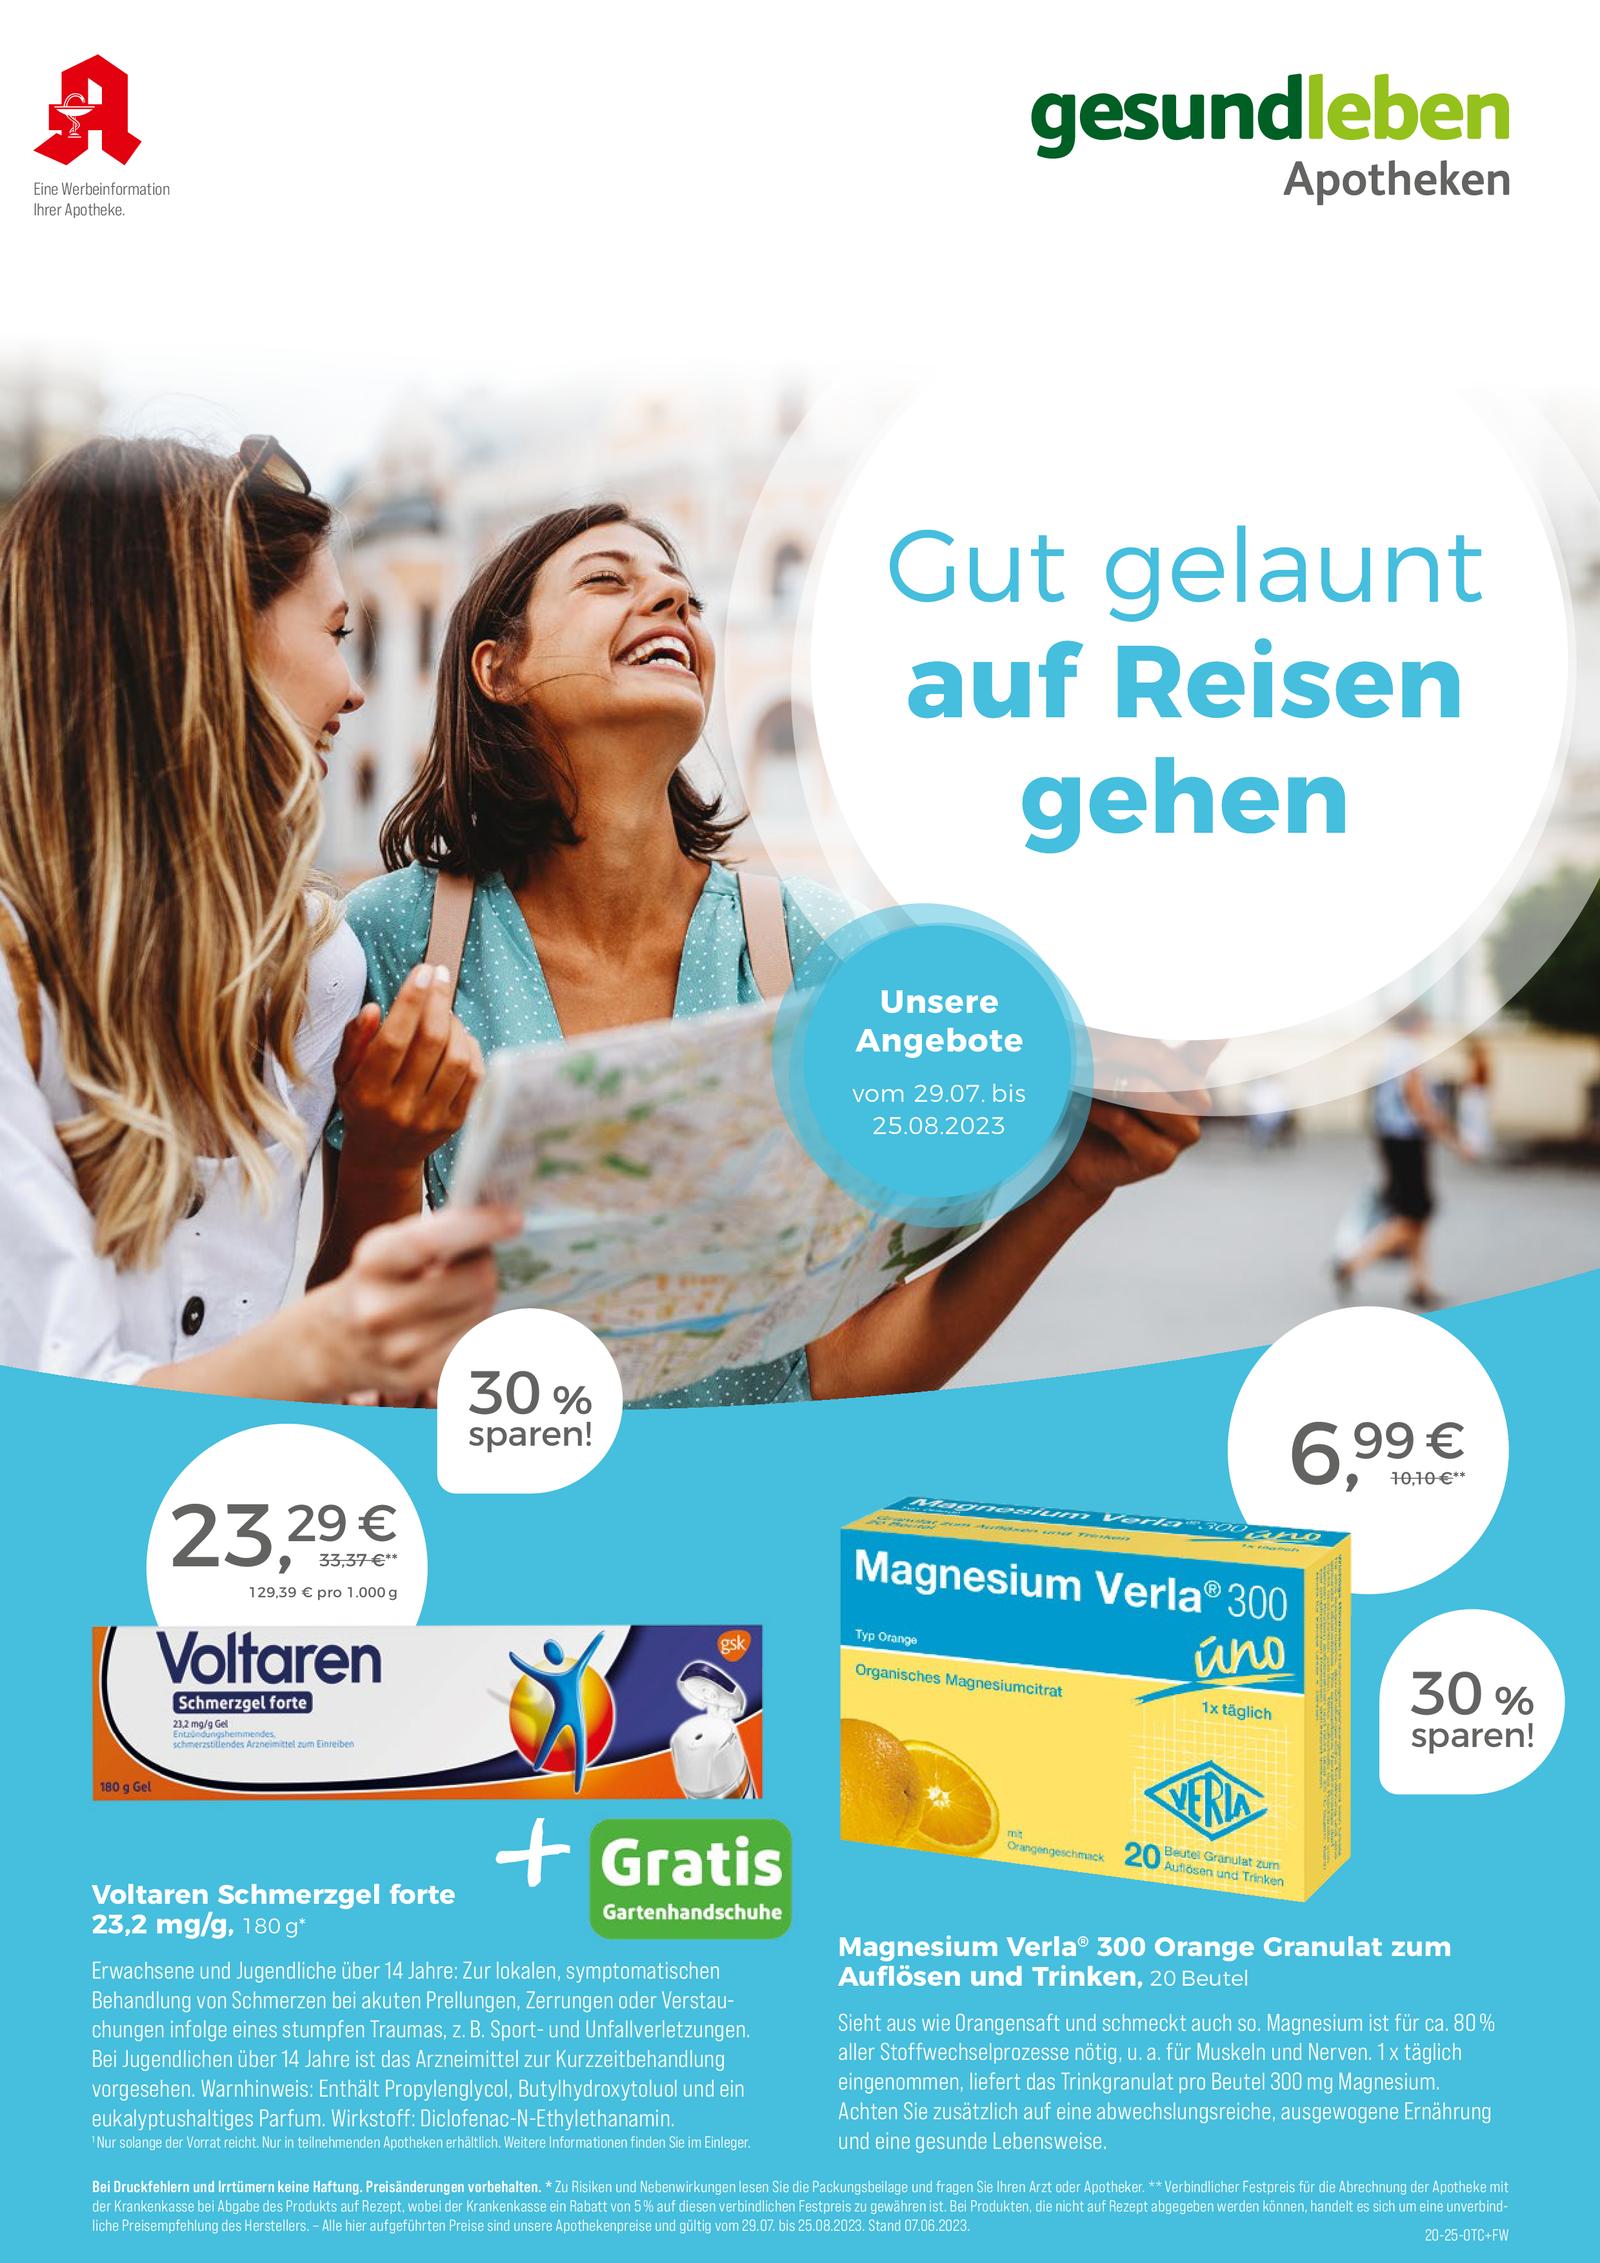 https://mein-uploads.apocdn.net/14001/leaflets/gesundleben_mittel-Seite1.png